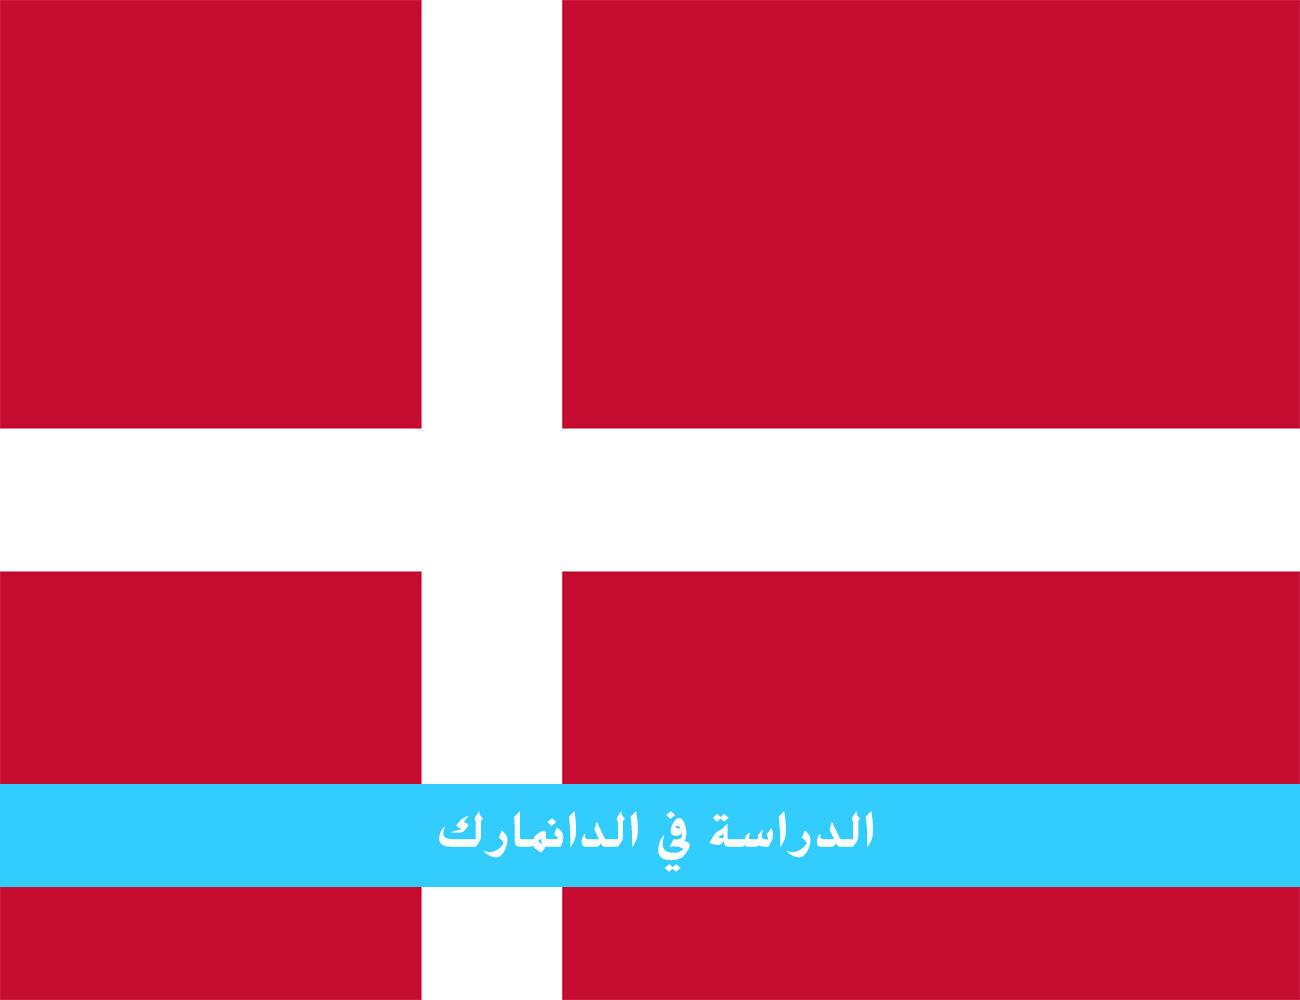 الدراسة في الدنمارك للمغاربة وطن السعادة ومناخ التعليم الجيد